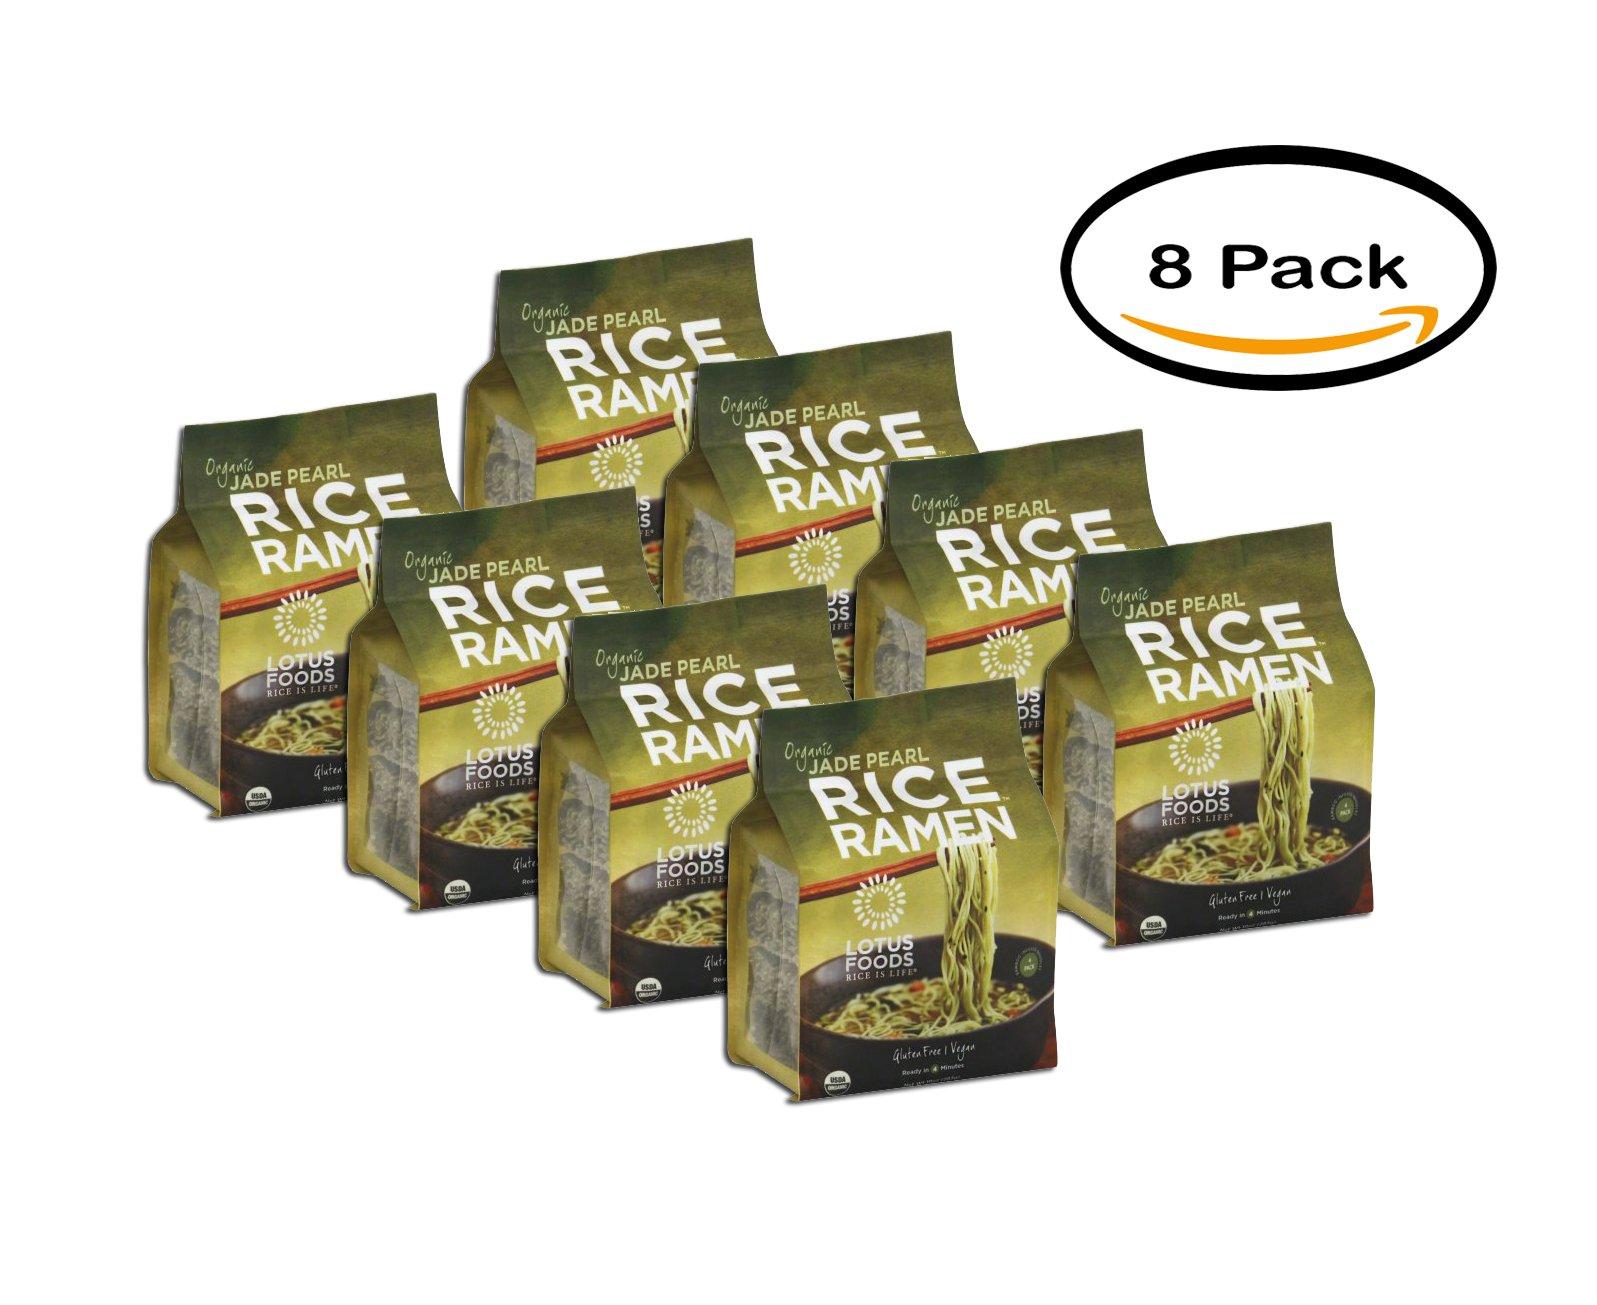 PACK OF 8 - Lotus Foods Organic Jade Pearl Rice Ramen, 10 Oz